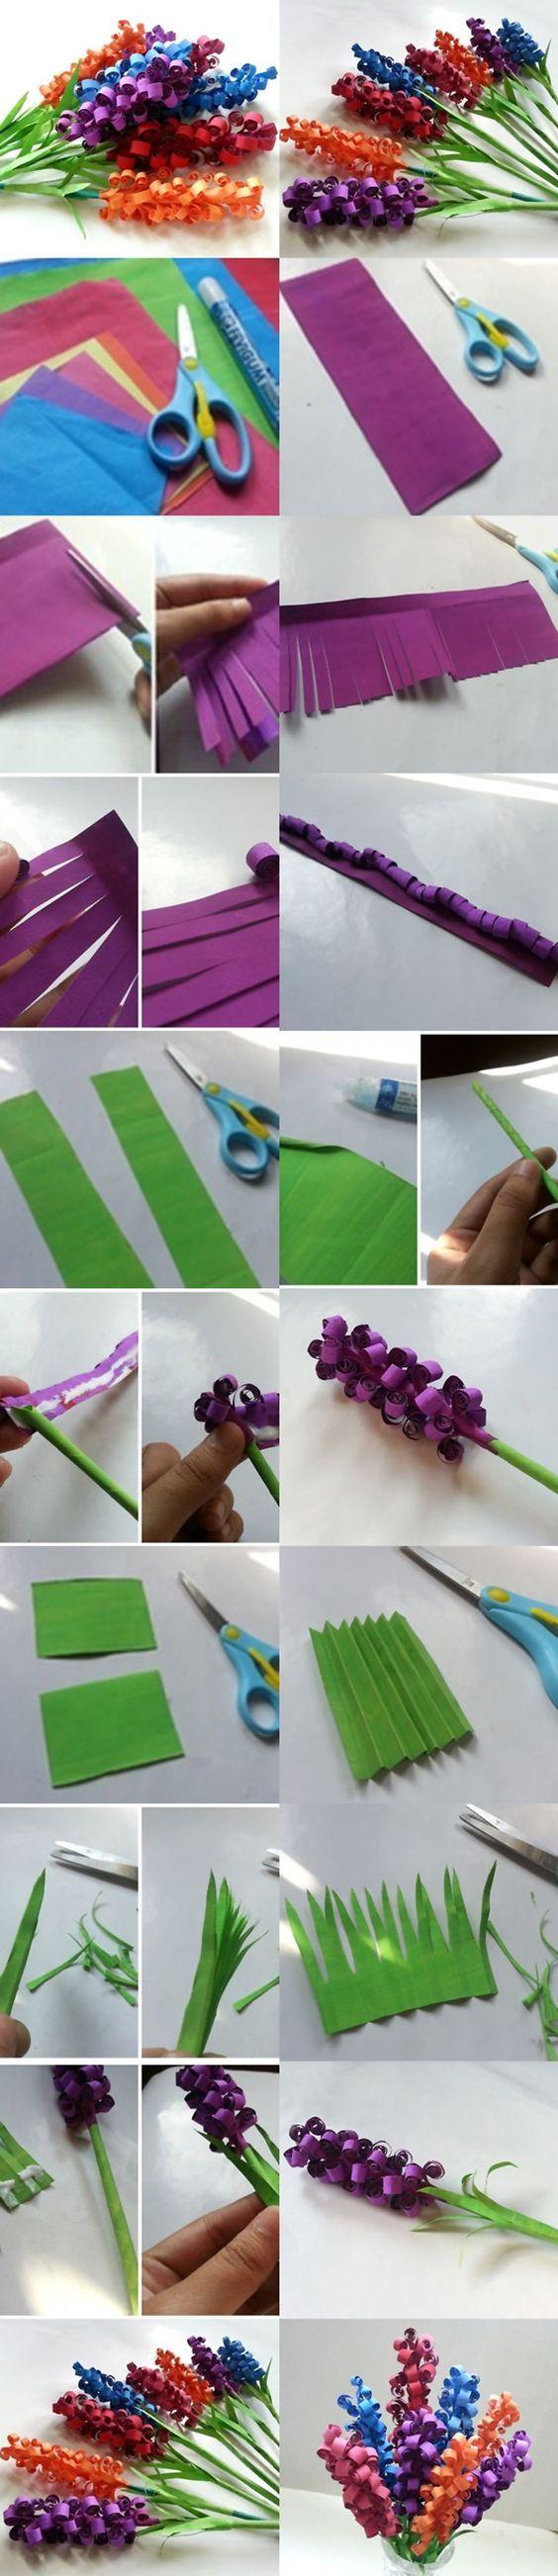 Arranjo de flores de papel enrolado - Faça Você Mesmo: